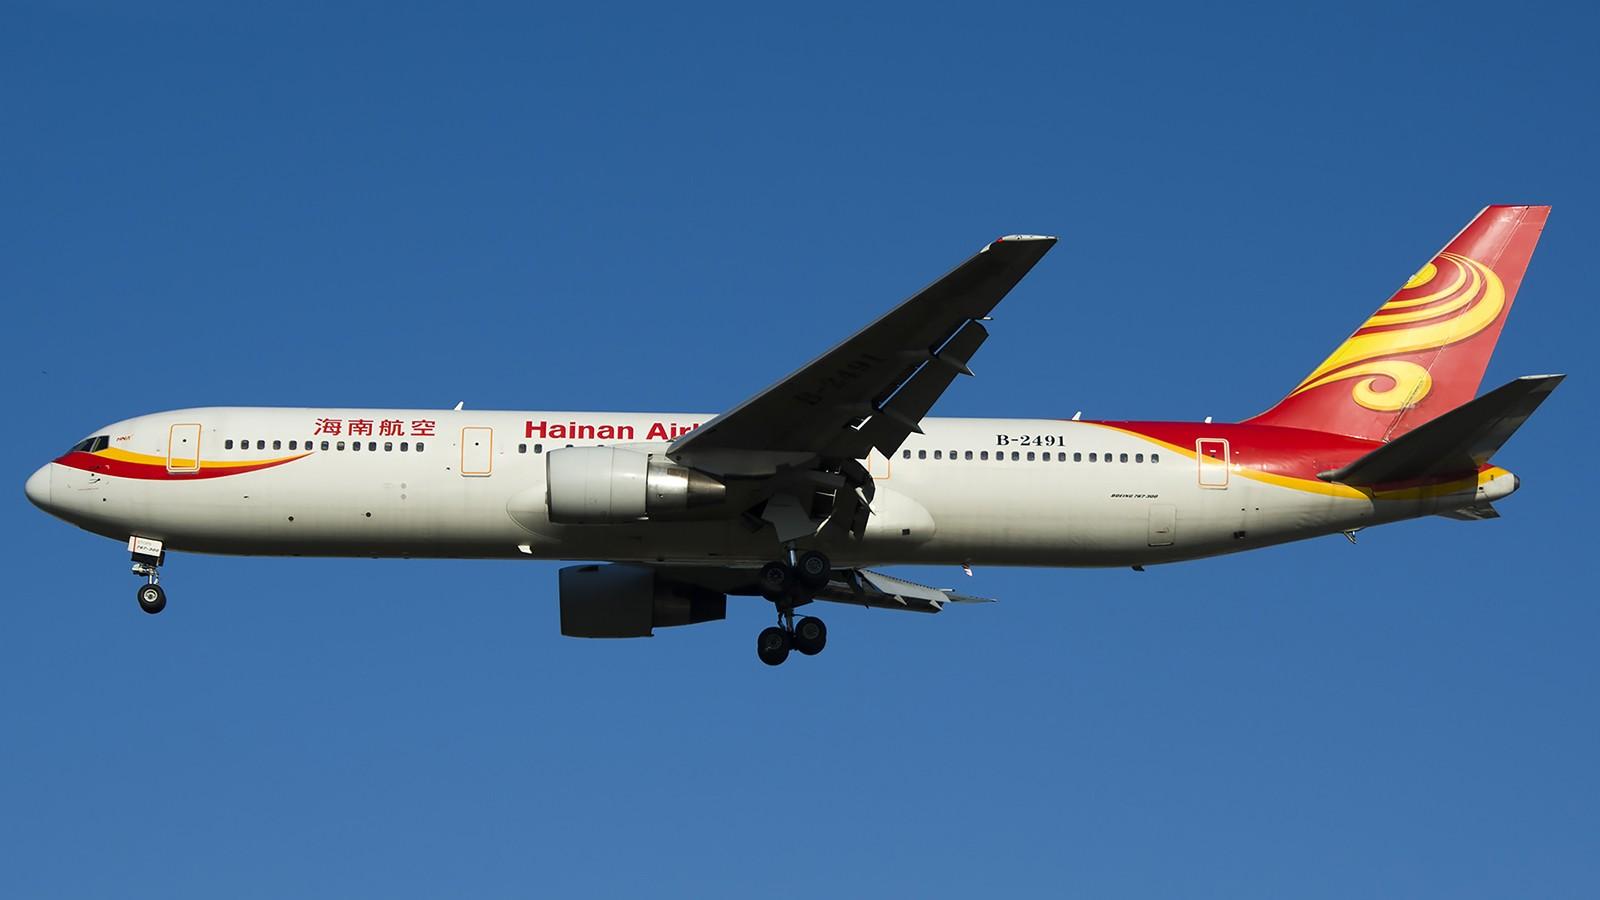 Re:[原创]难得赶上PEK周末好天气,各种常见机型都有收获 BOEING 767-300 B-2491 中国北京首都机场